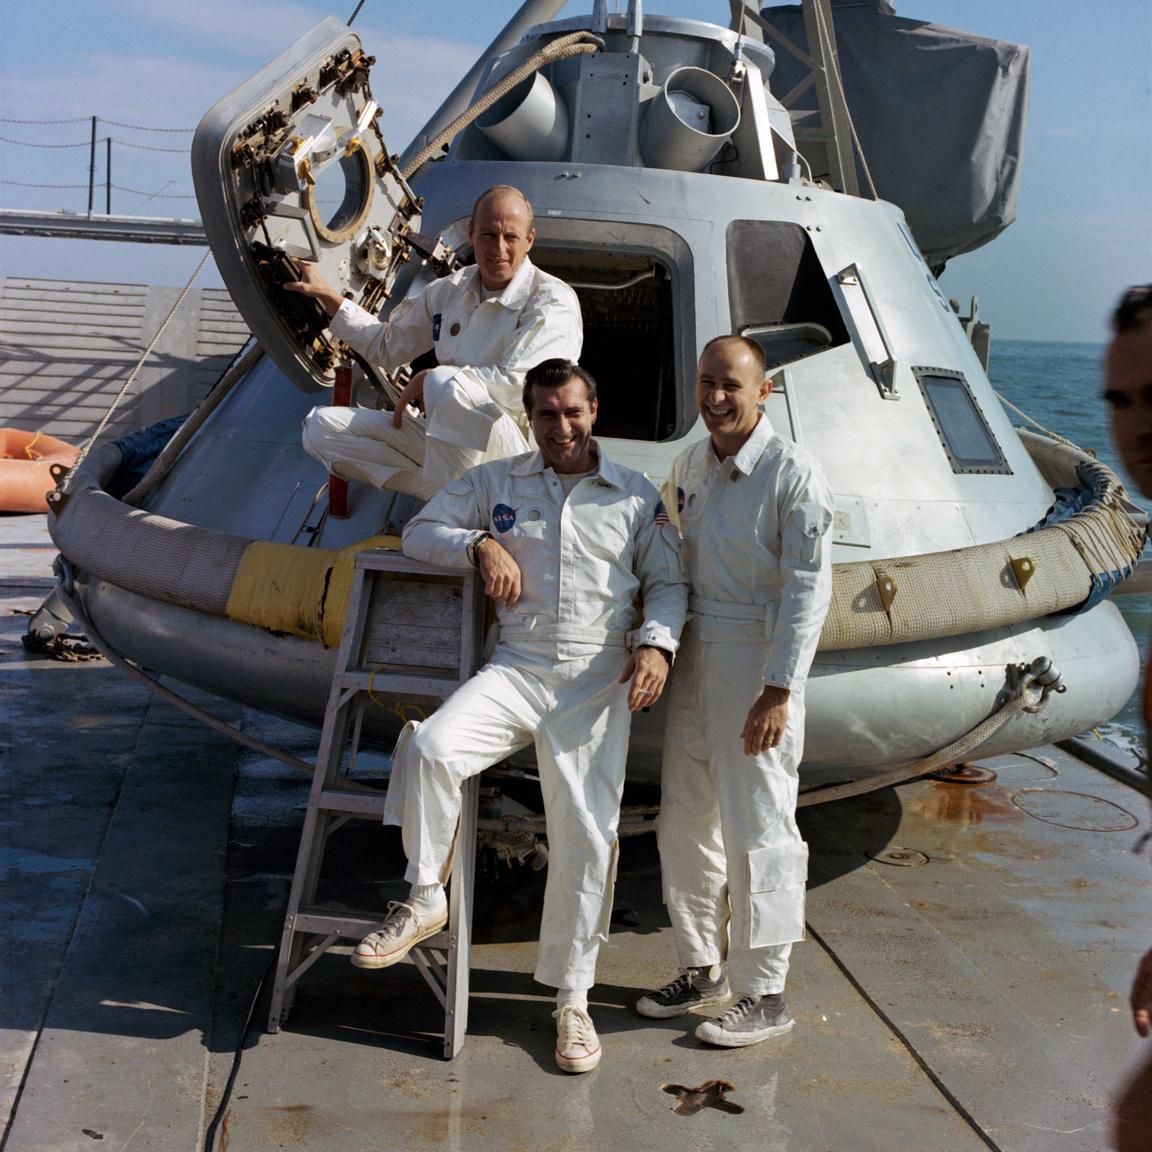 1968. november. Az Apollo-9 küldetés tartalékos űrhajósai (balról jobbra): Charles Conrad Jr., Richard F. Gordon Jr., és Alan L. Bean. A rotációban ők hárman lettek végül az Apollo-12 legénysége.